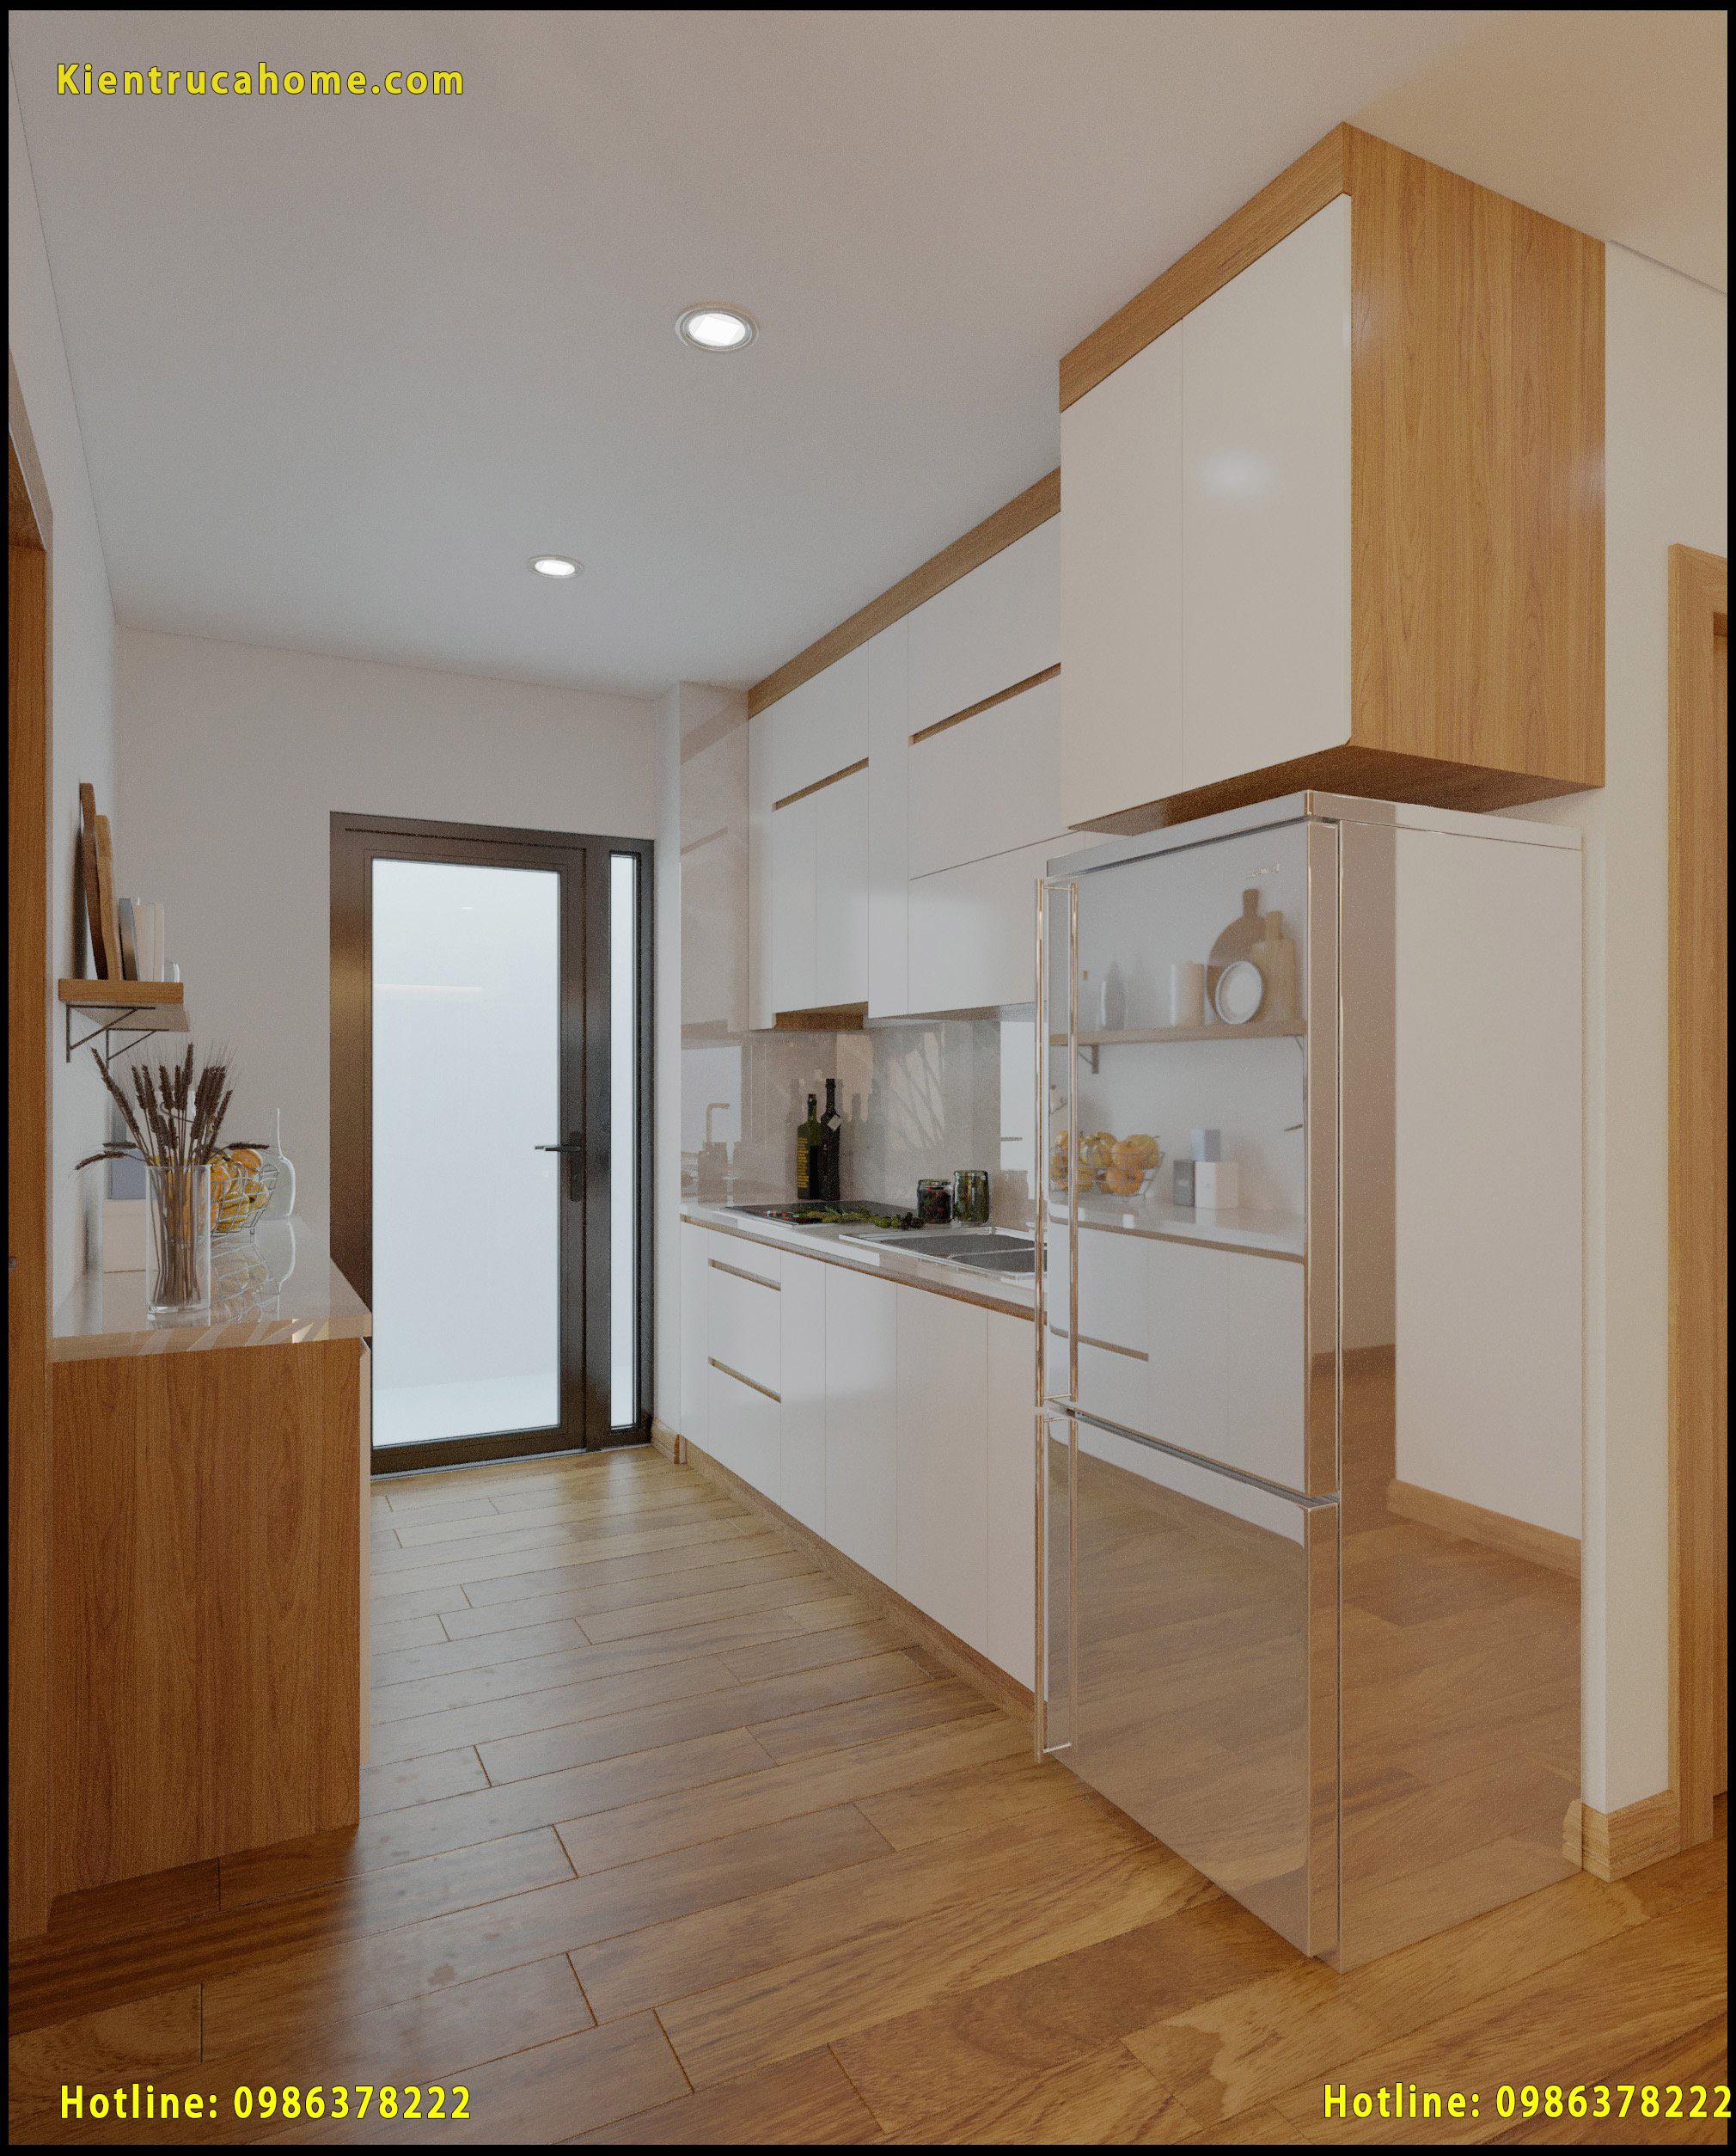 mẫu nội thất chung cư 2 phòng ngủ